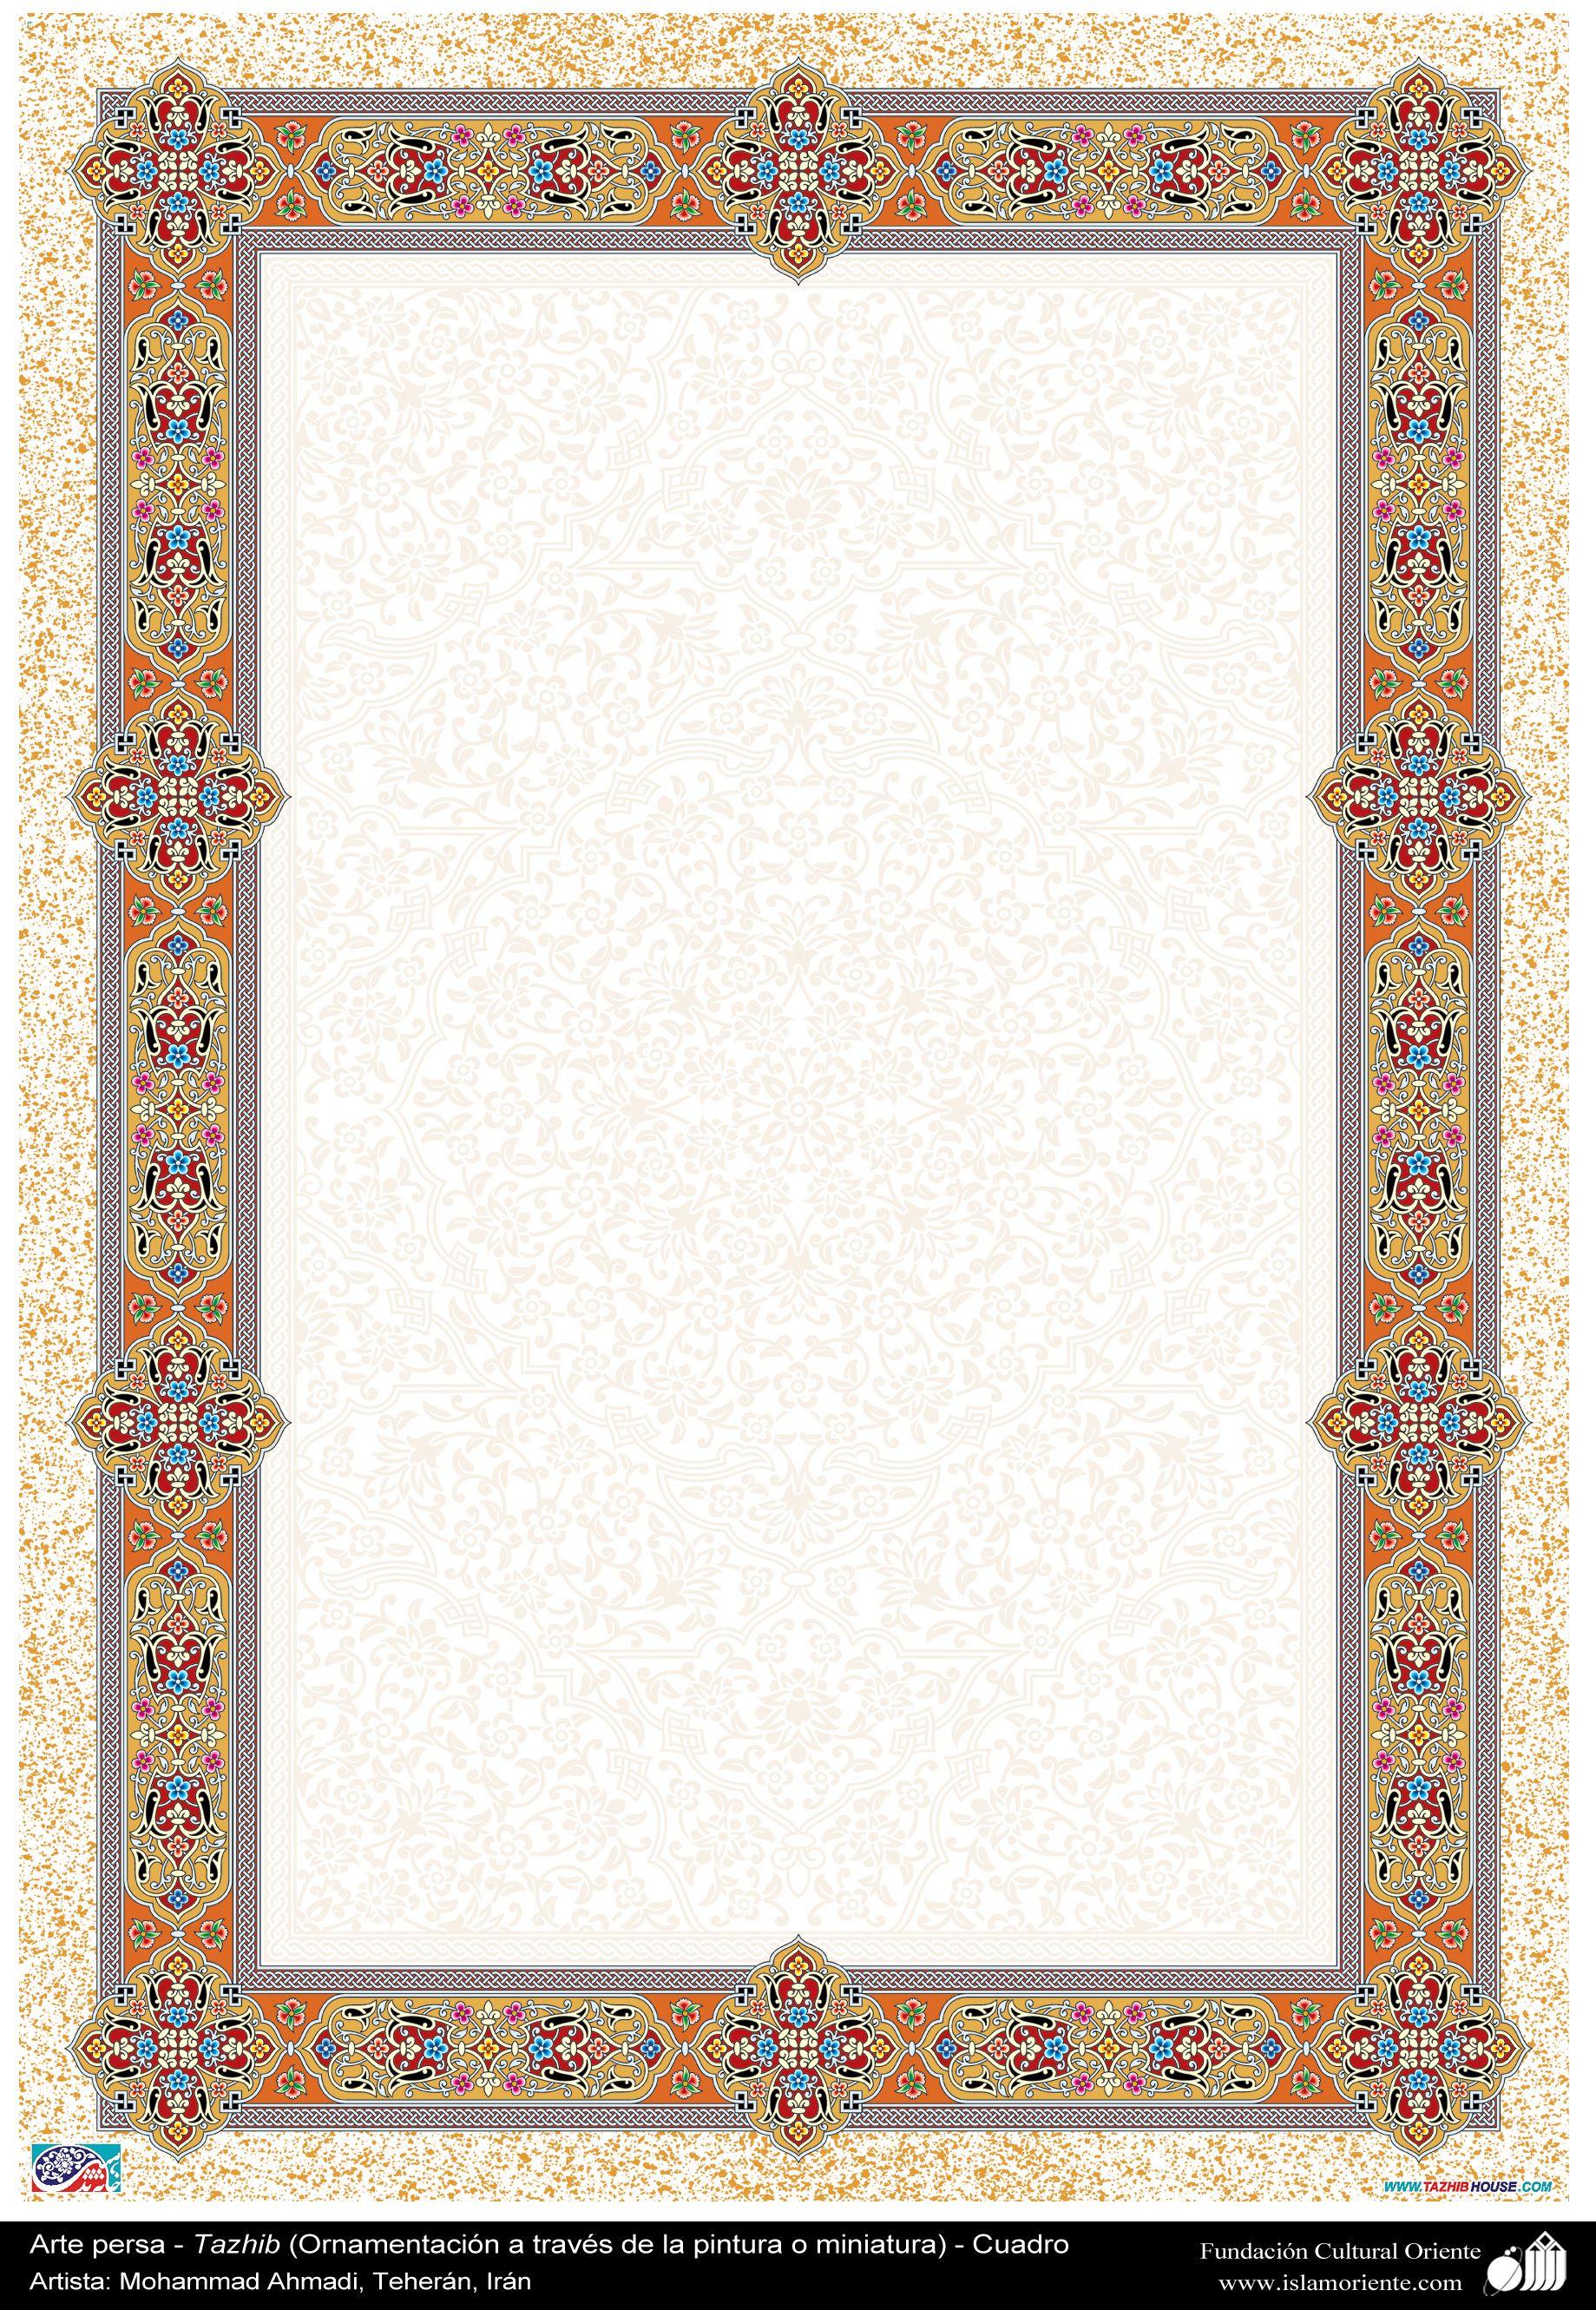 Paling Baru Desain Bingkai Kaligrafi Arab - House on Street